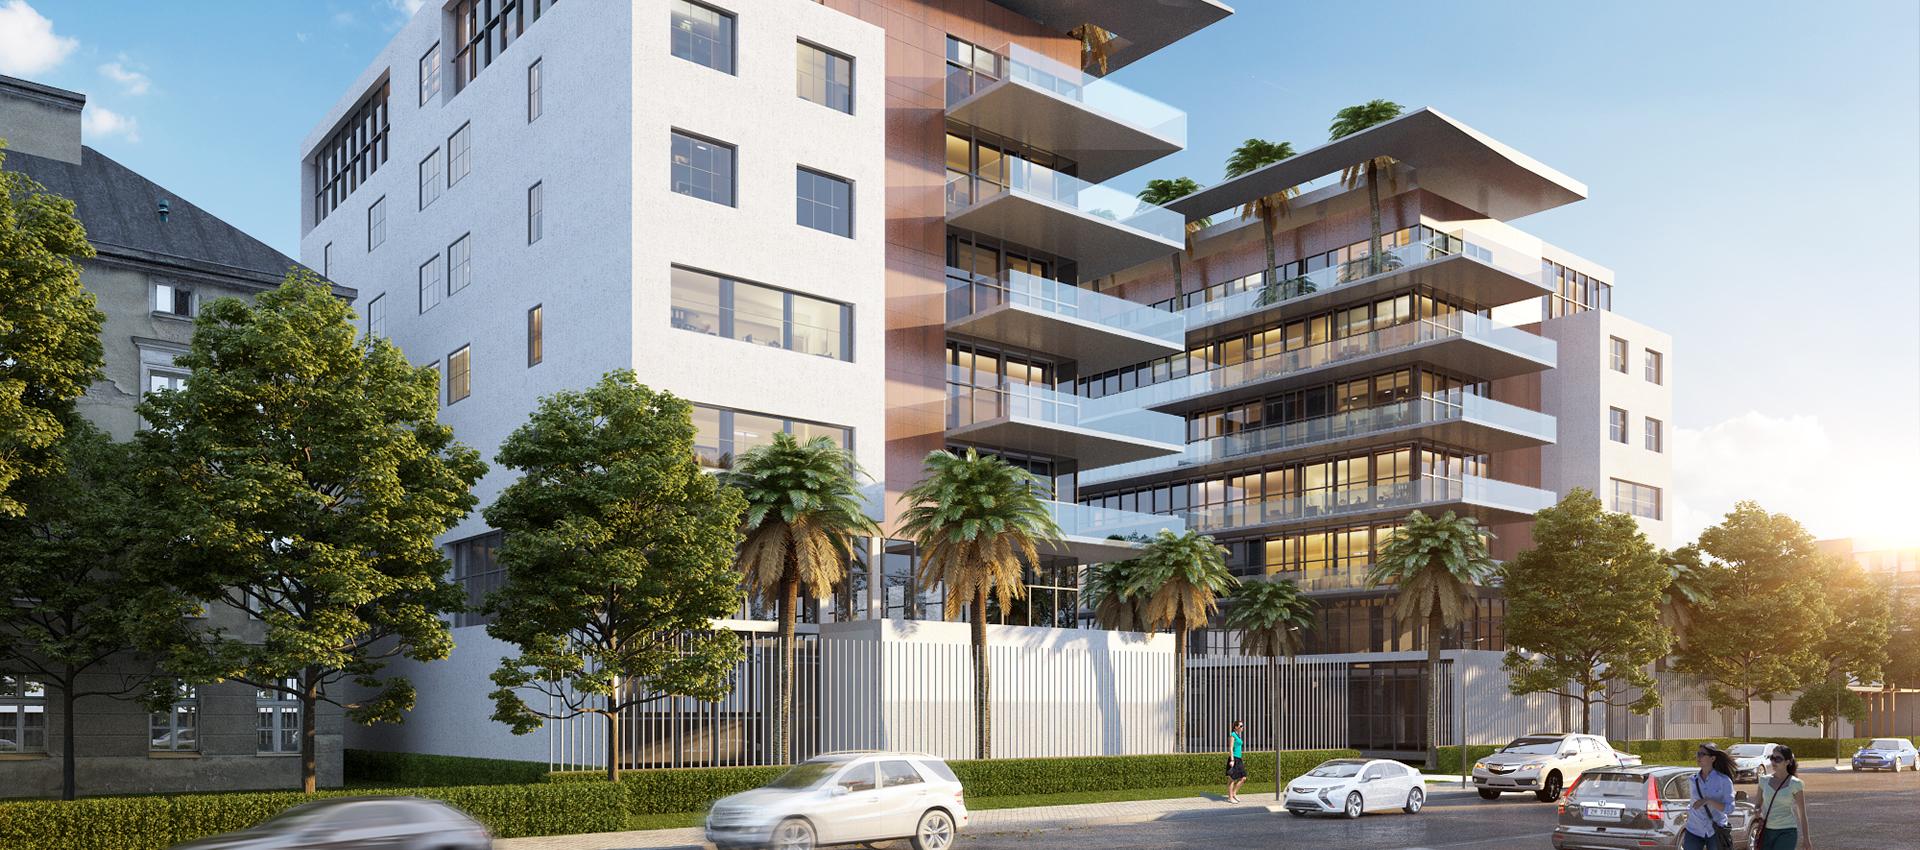 Développement Immobilier